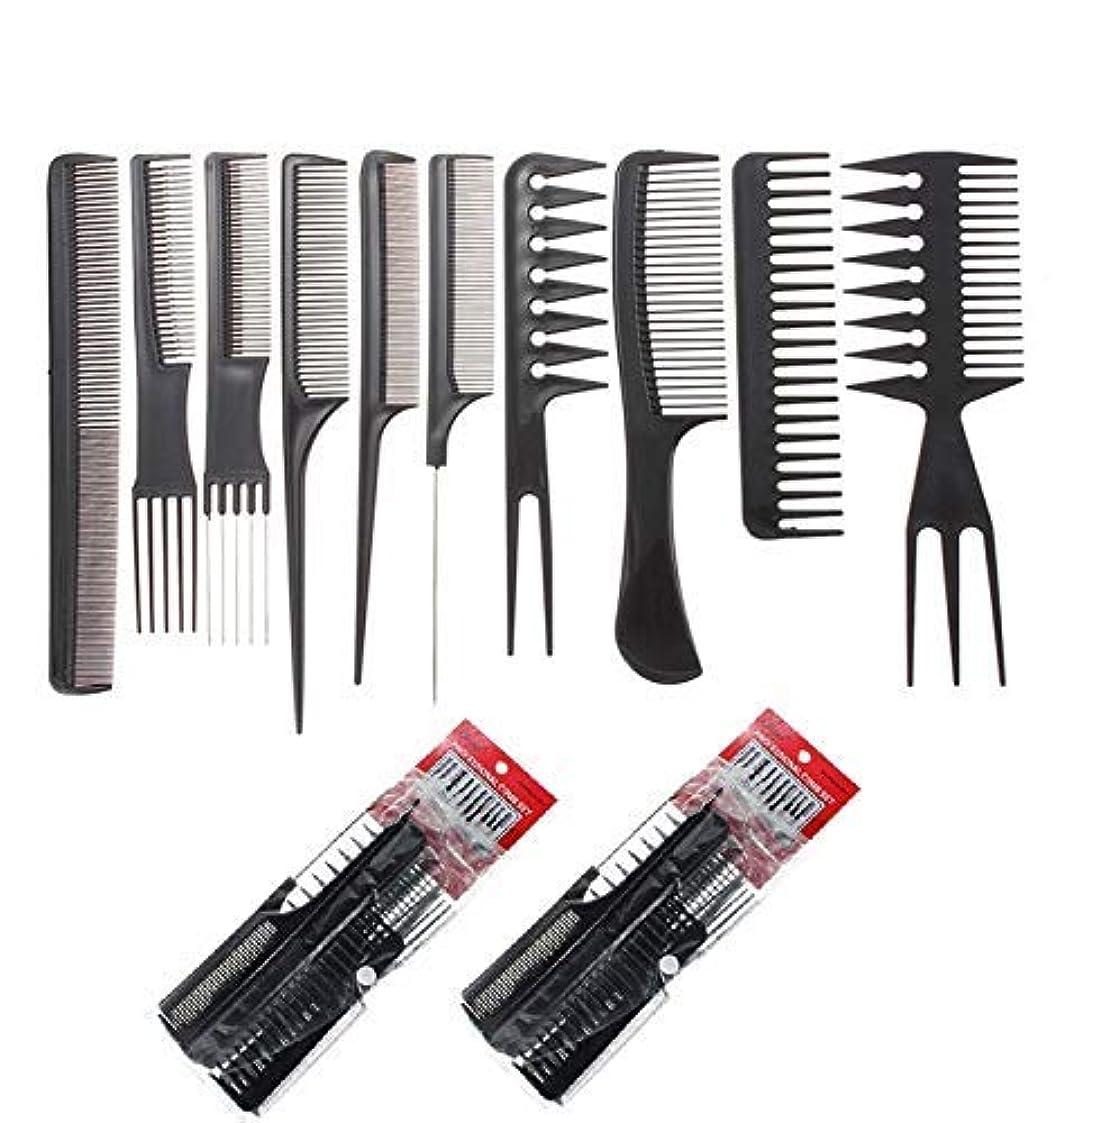 共和党会員講師SBYURE 20pcs Professional Styling Comb Set,10pcs/Set,2 Set Salon Hairdressing Combs Hair Care Styling Tools Hair...